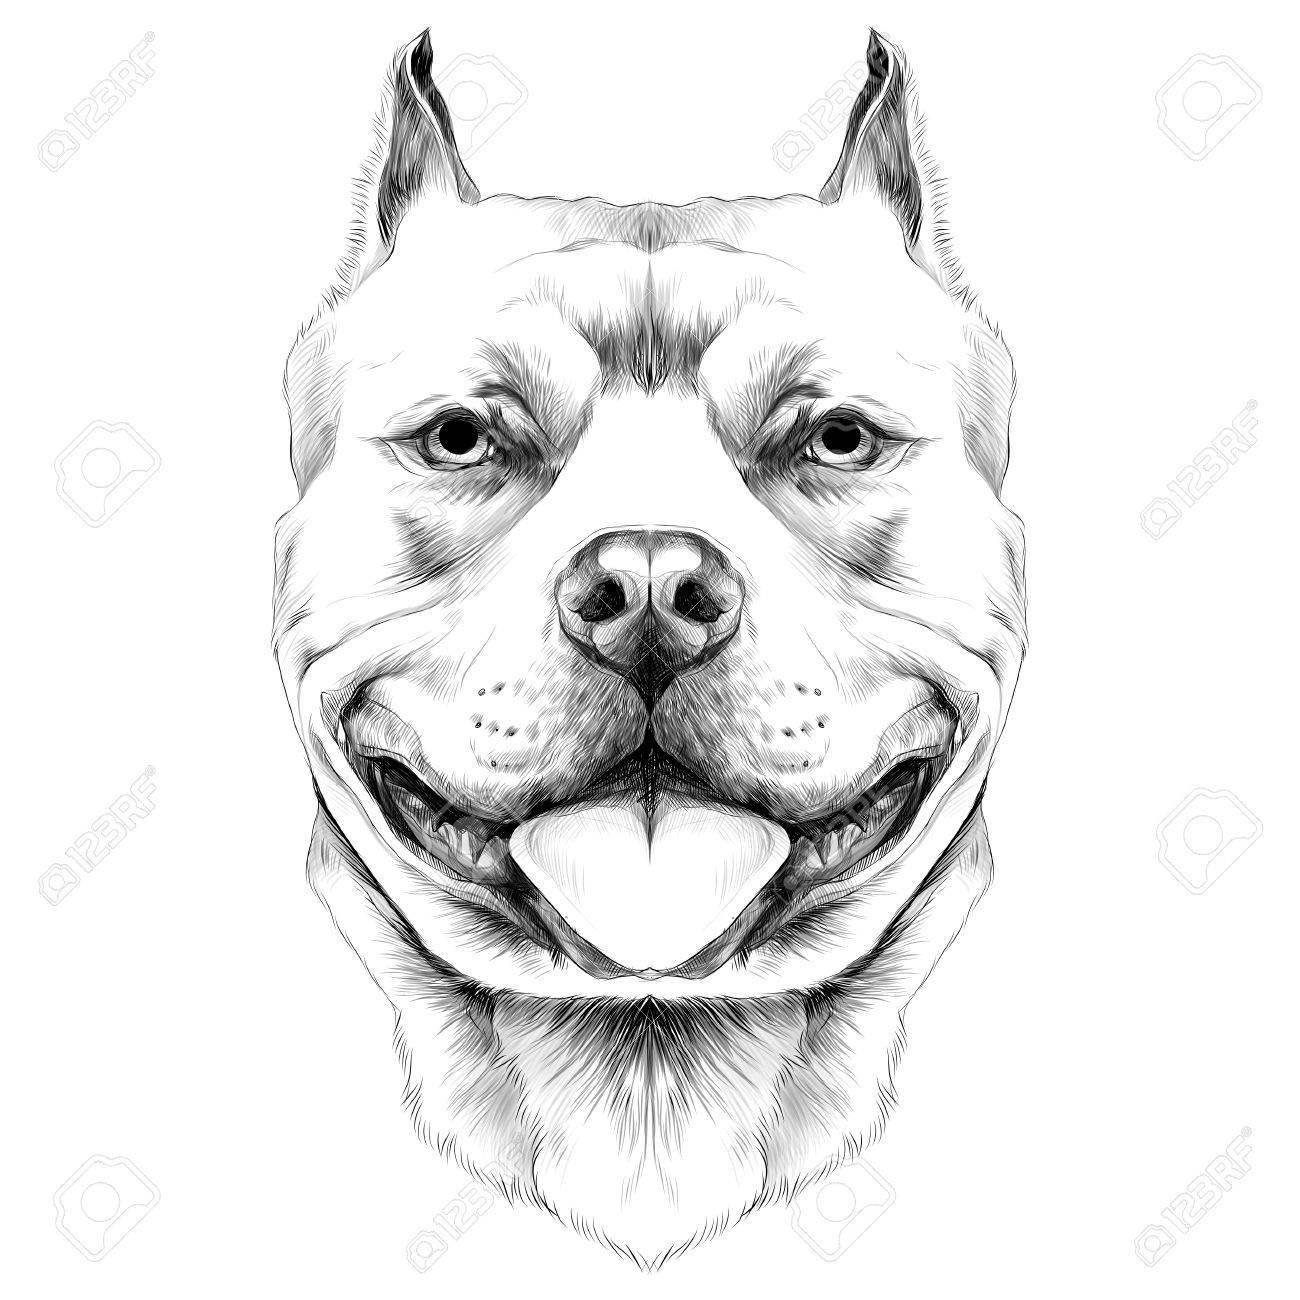 Chien Engendre Le Pit Bull Américain Bull Terrier Croquis Vecteur Graphique Dessin Noir Et Blanc